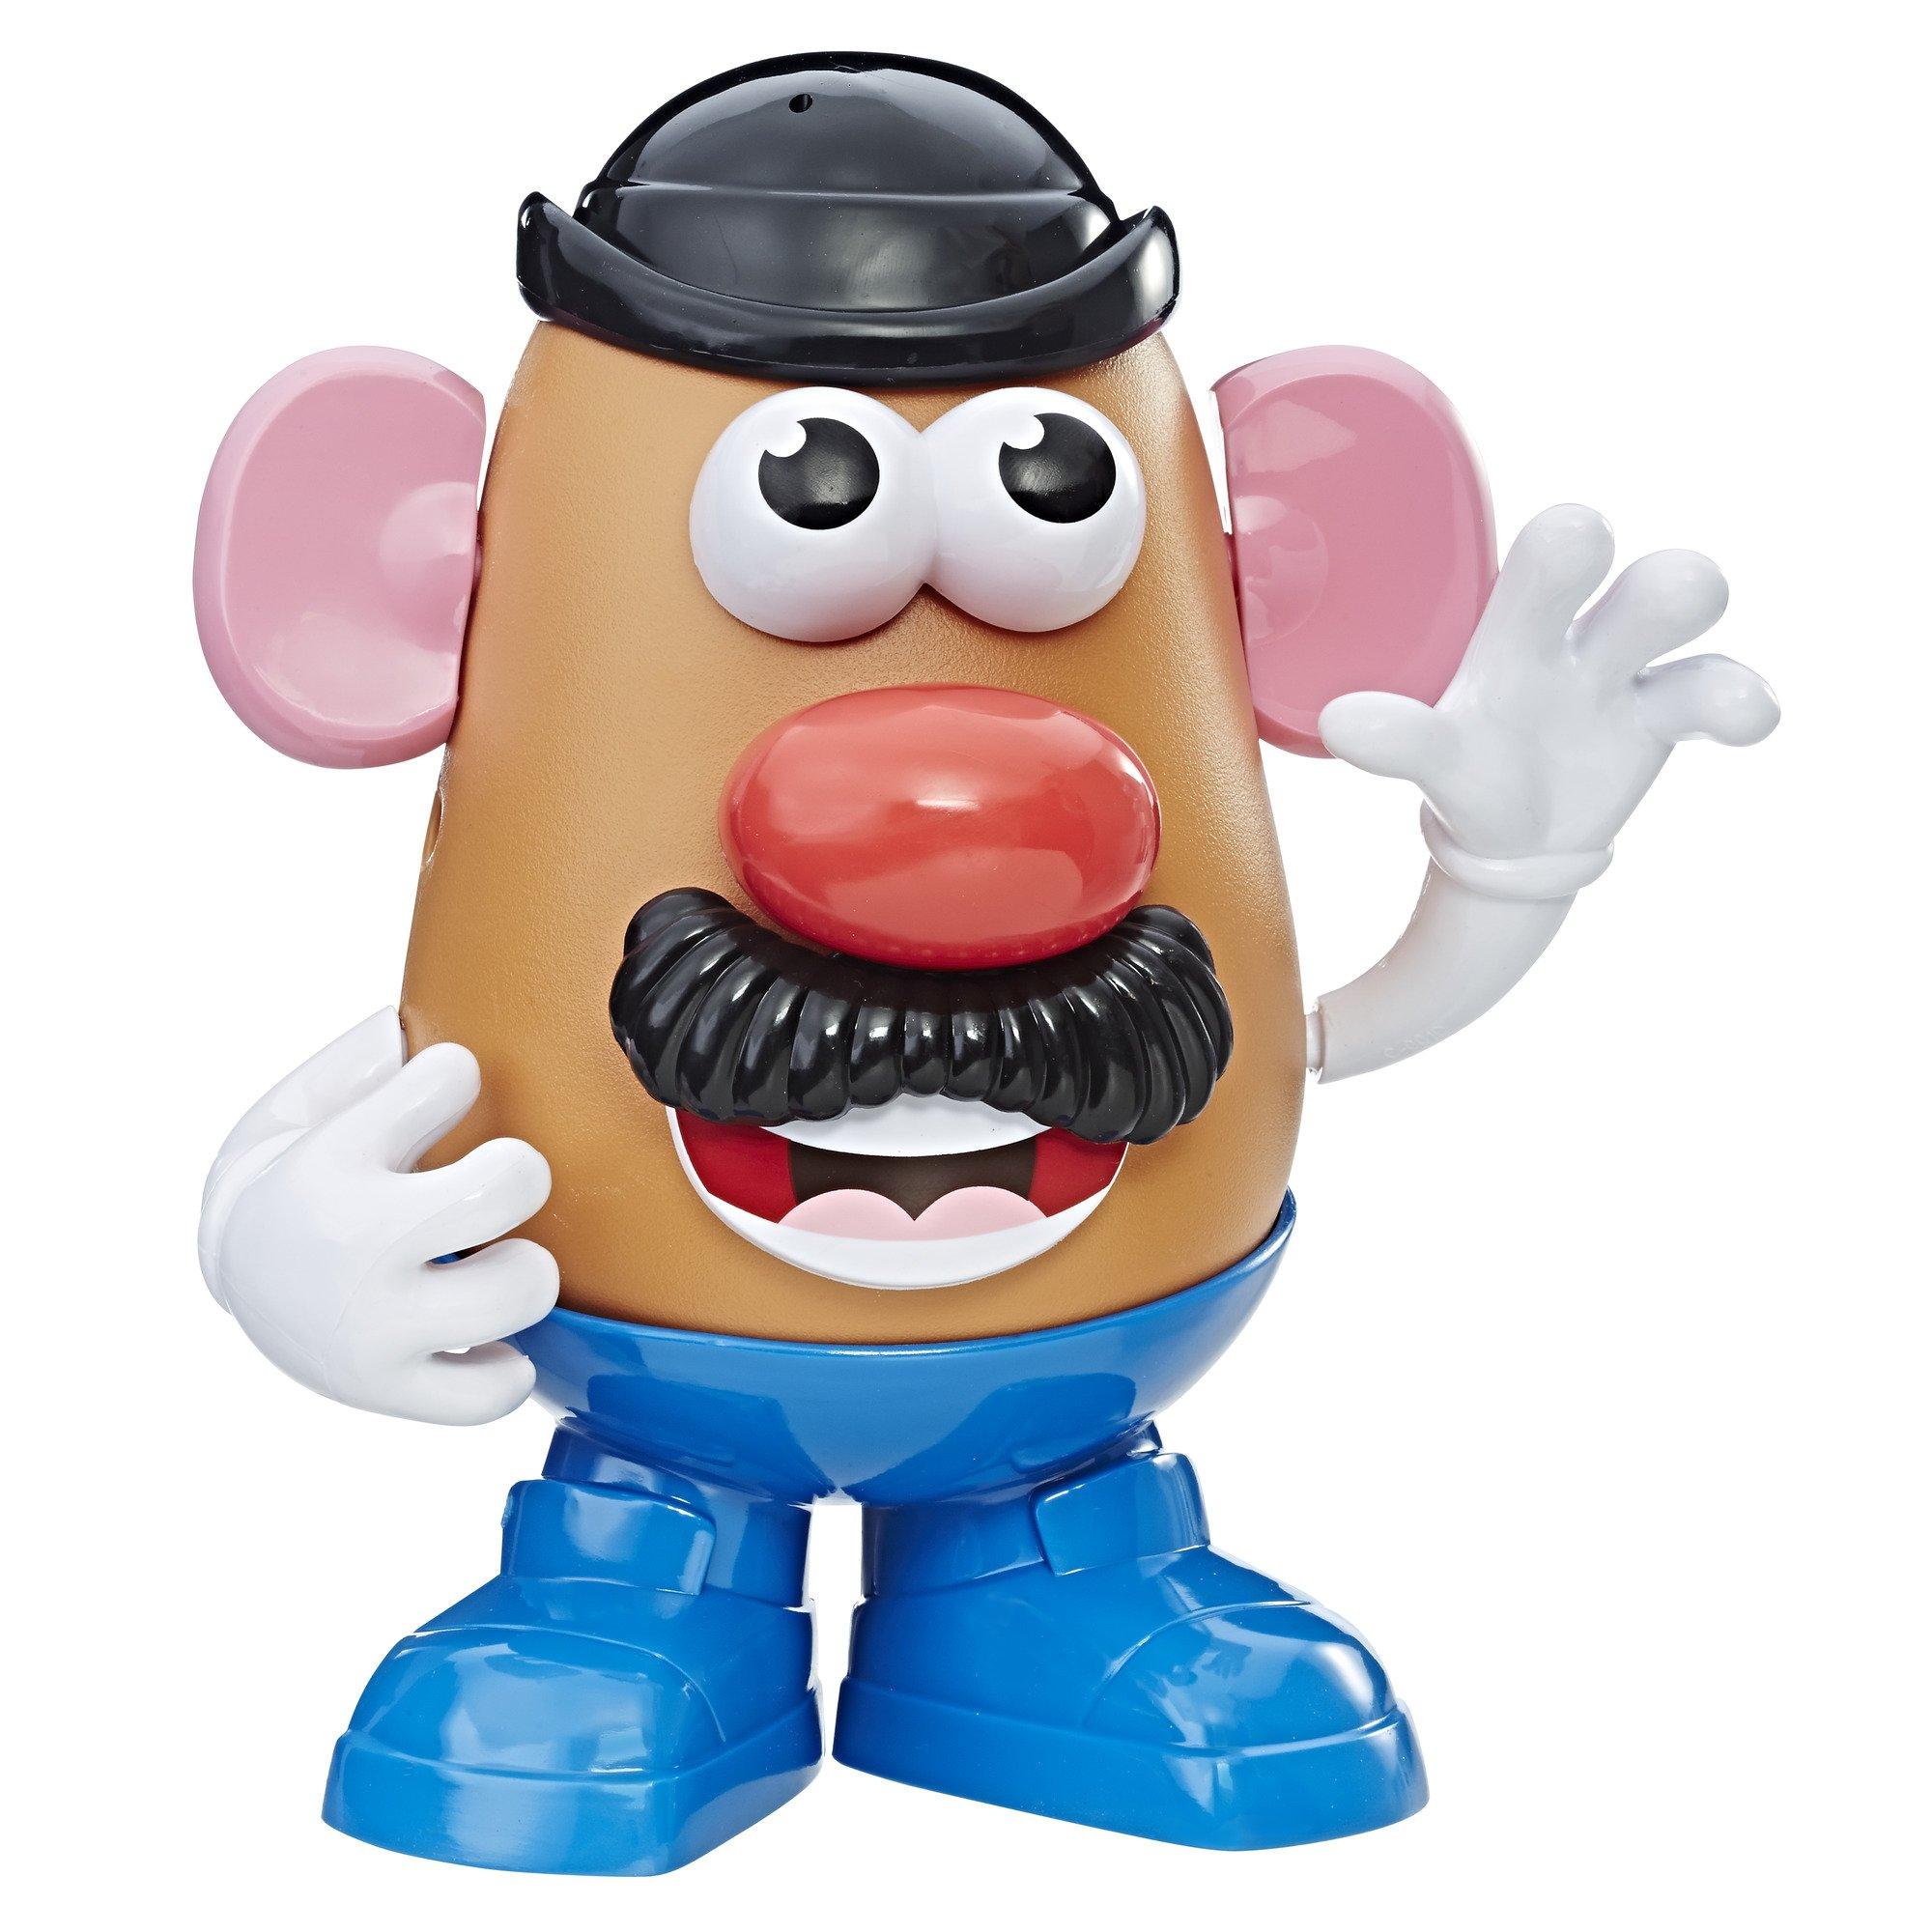 ویکالا · خرید  اصل اورجینال · خرید از آمازون · Mr Potato Head Playskool wekala · ویکالا